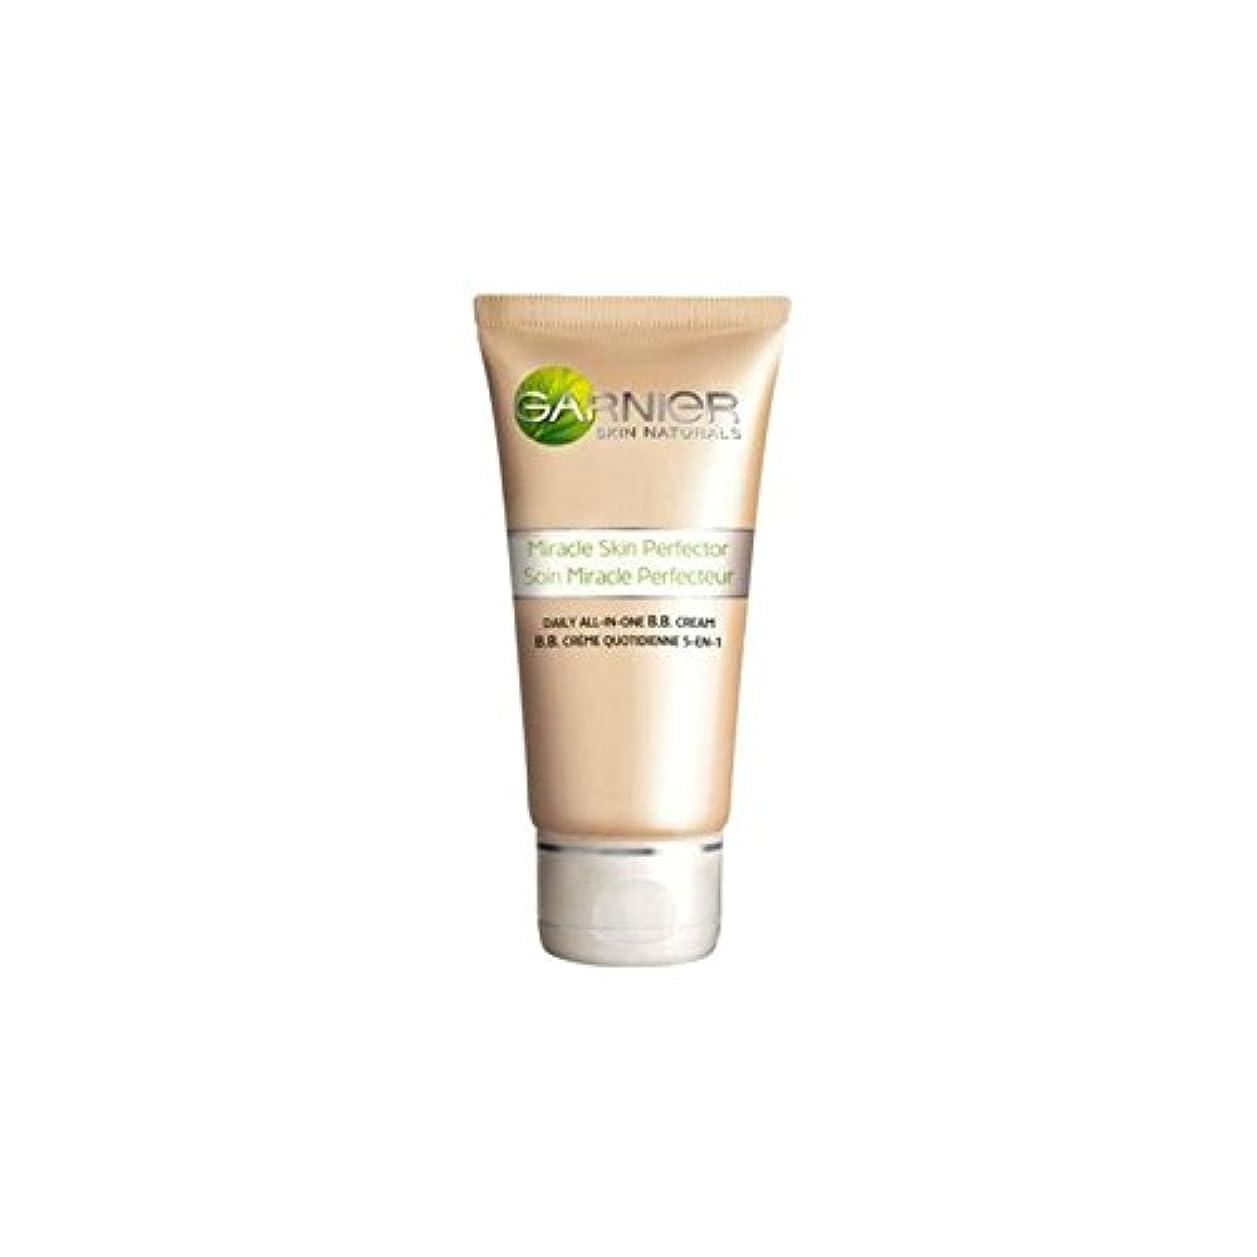 ラボ南西頑固なガルニエオリジナル媒体クリーム(50)中 x4 - Garnier Original Medium Bb Cream (50ml) (Pack of 4) [並行輸入品]